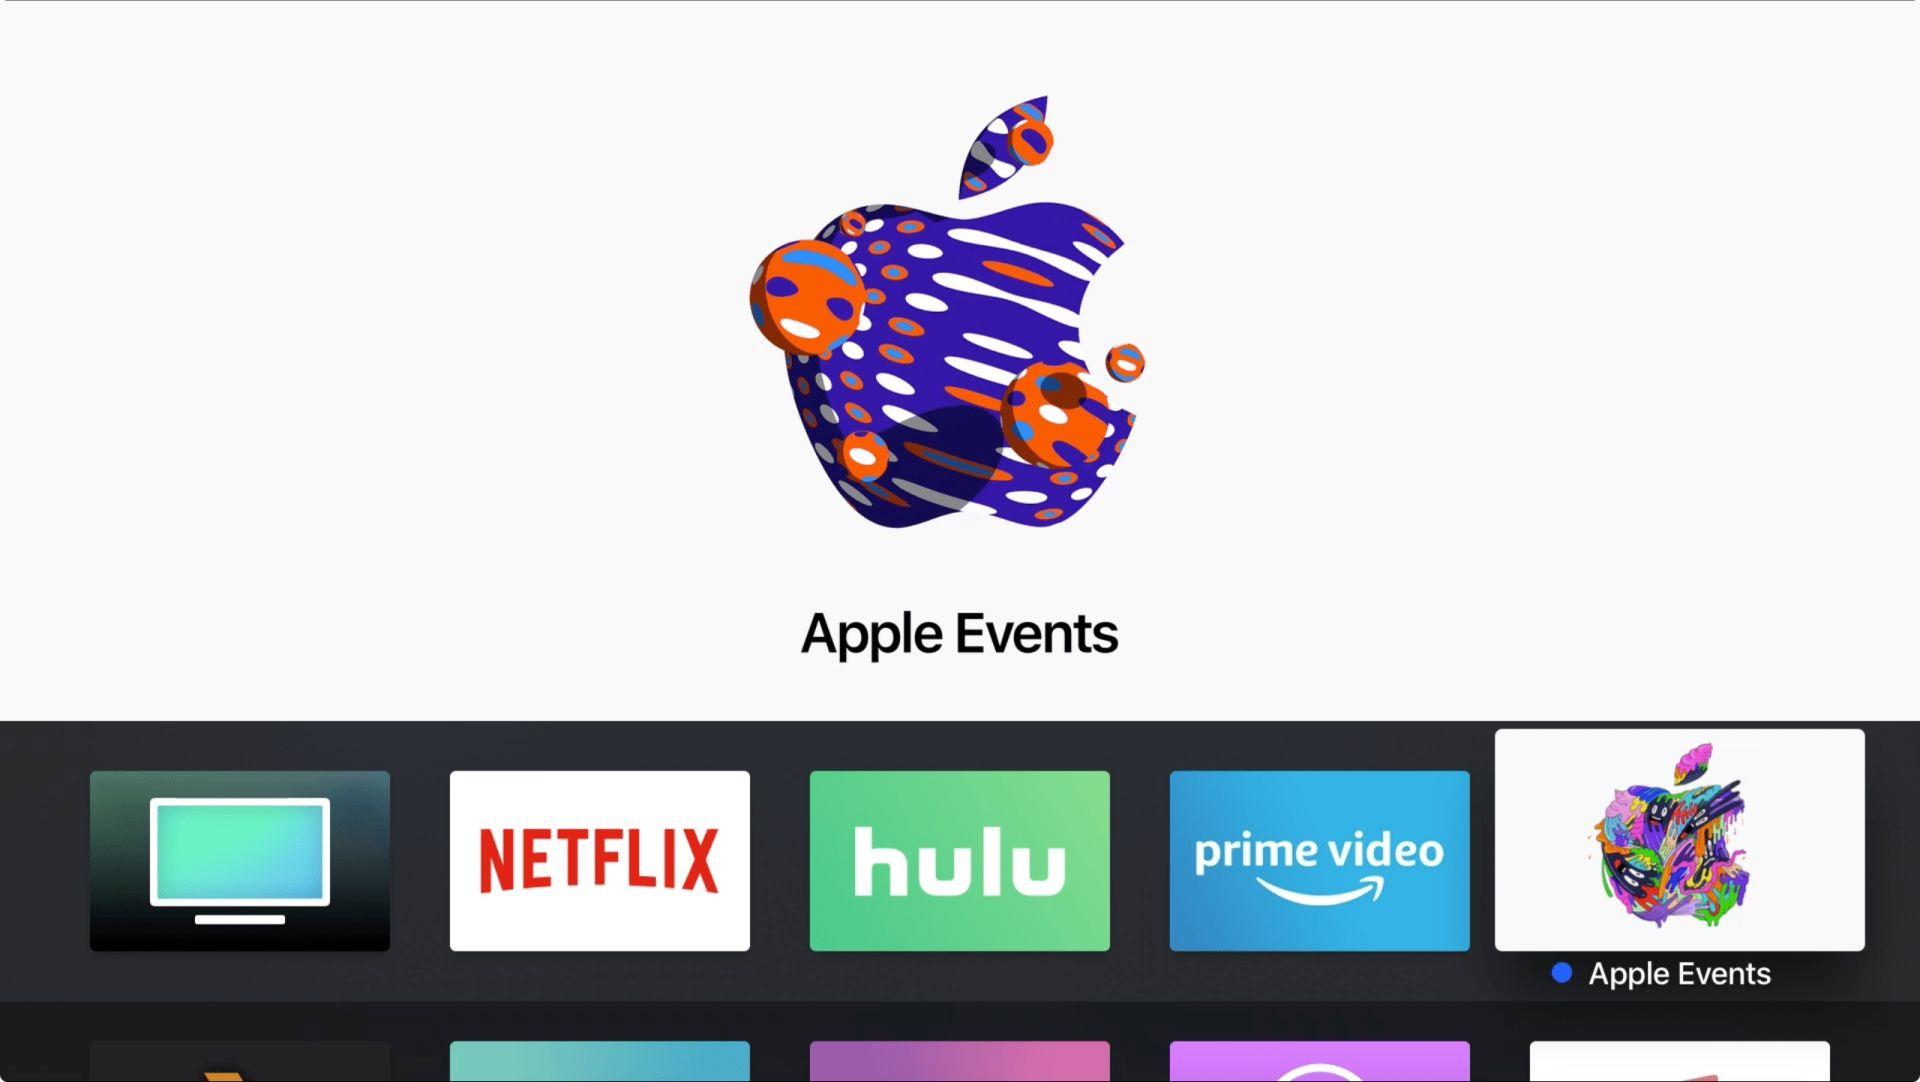 Aplikacja Apple Events dla Apple TV gotowa na najbliższą konferencję